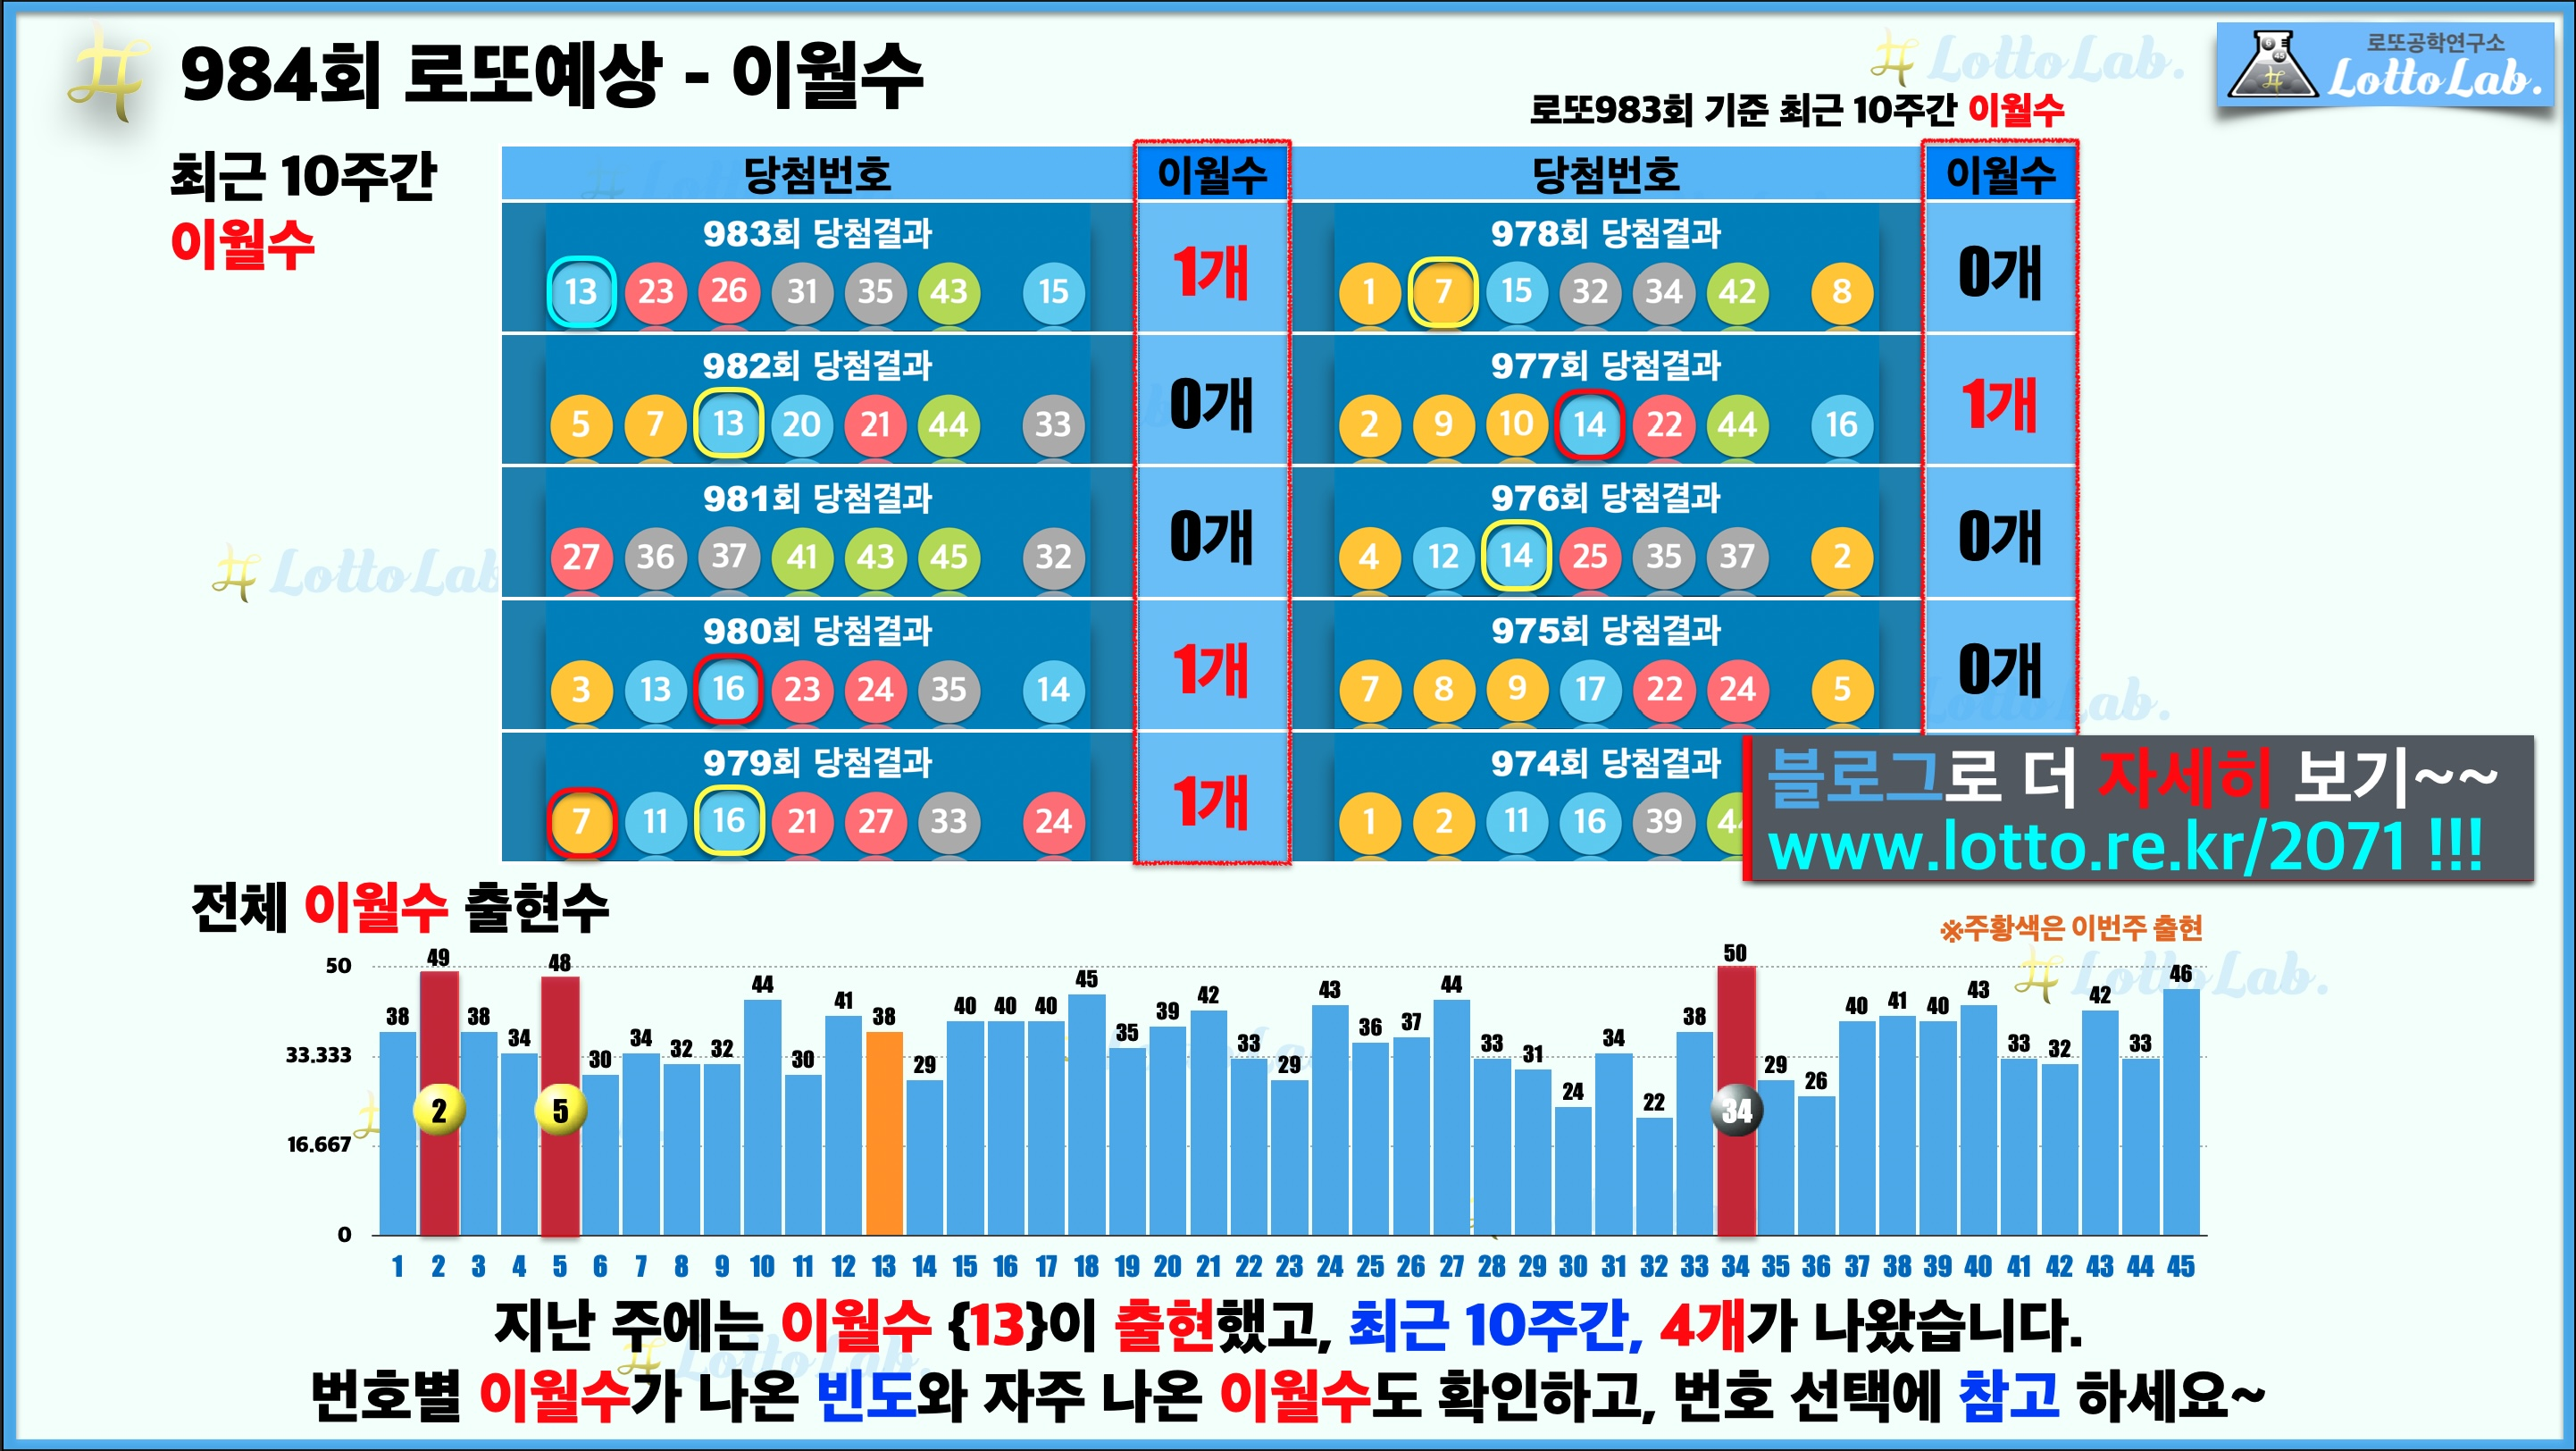 로또랩 로또984 당첨 번호 예상 - 이월수